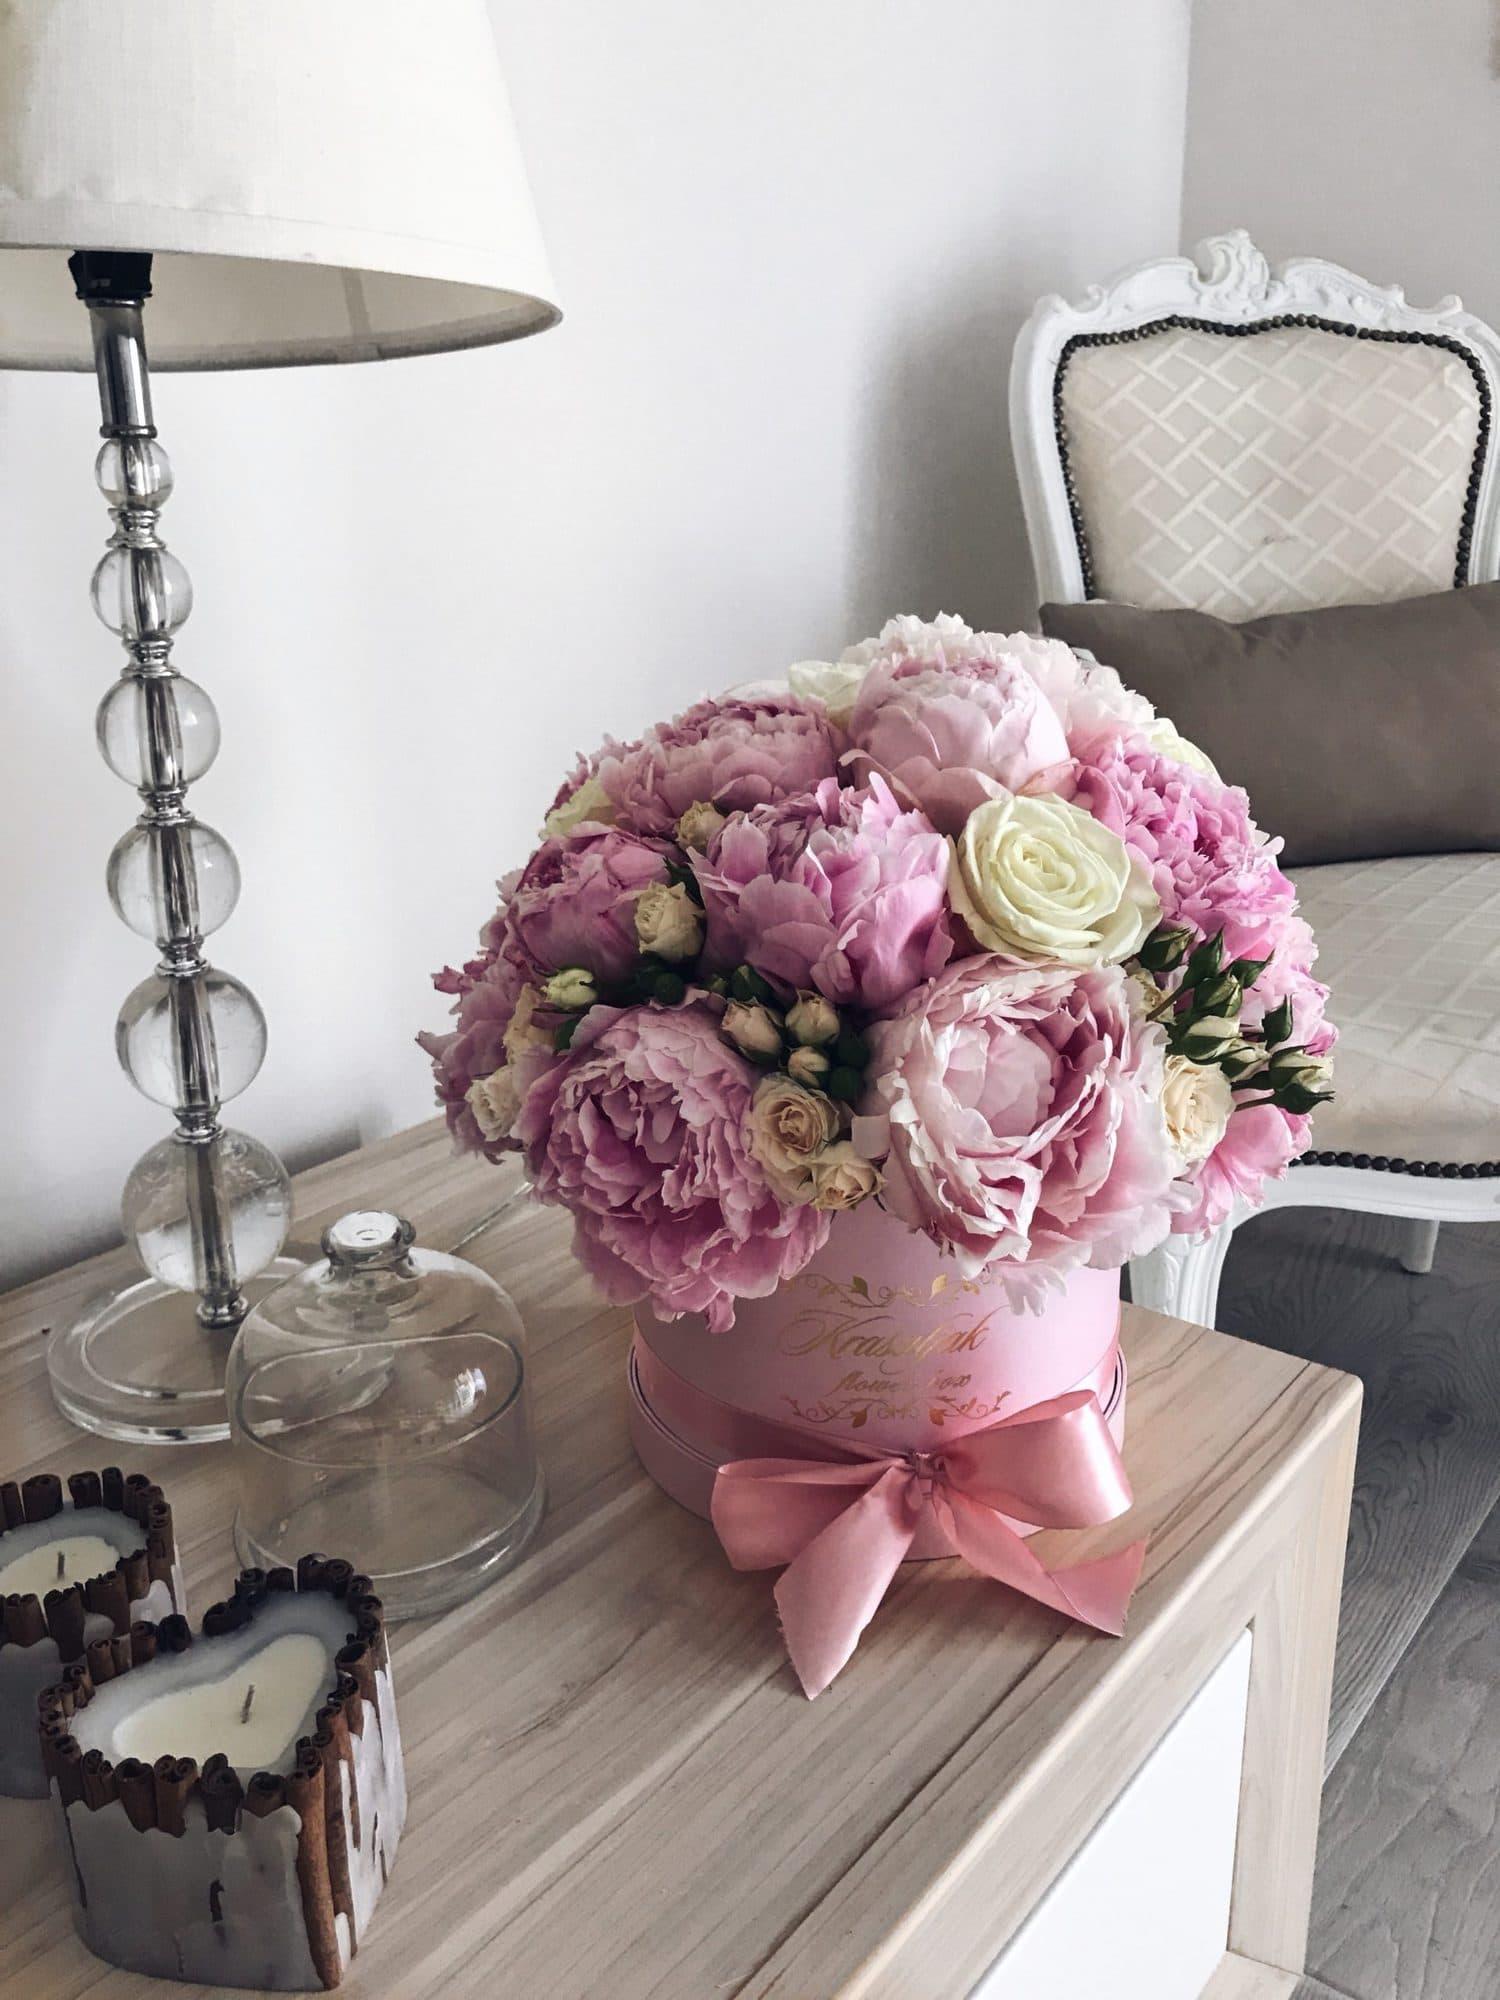 Roza kutija sa rozim bozurima i belim ruzama